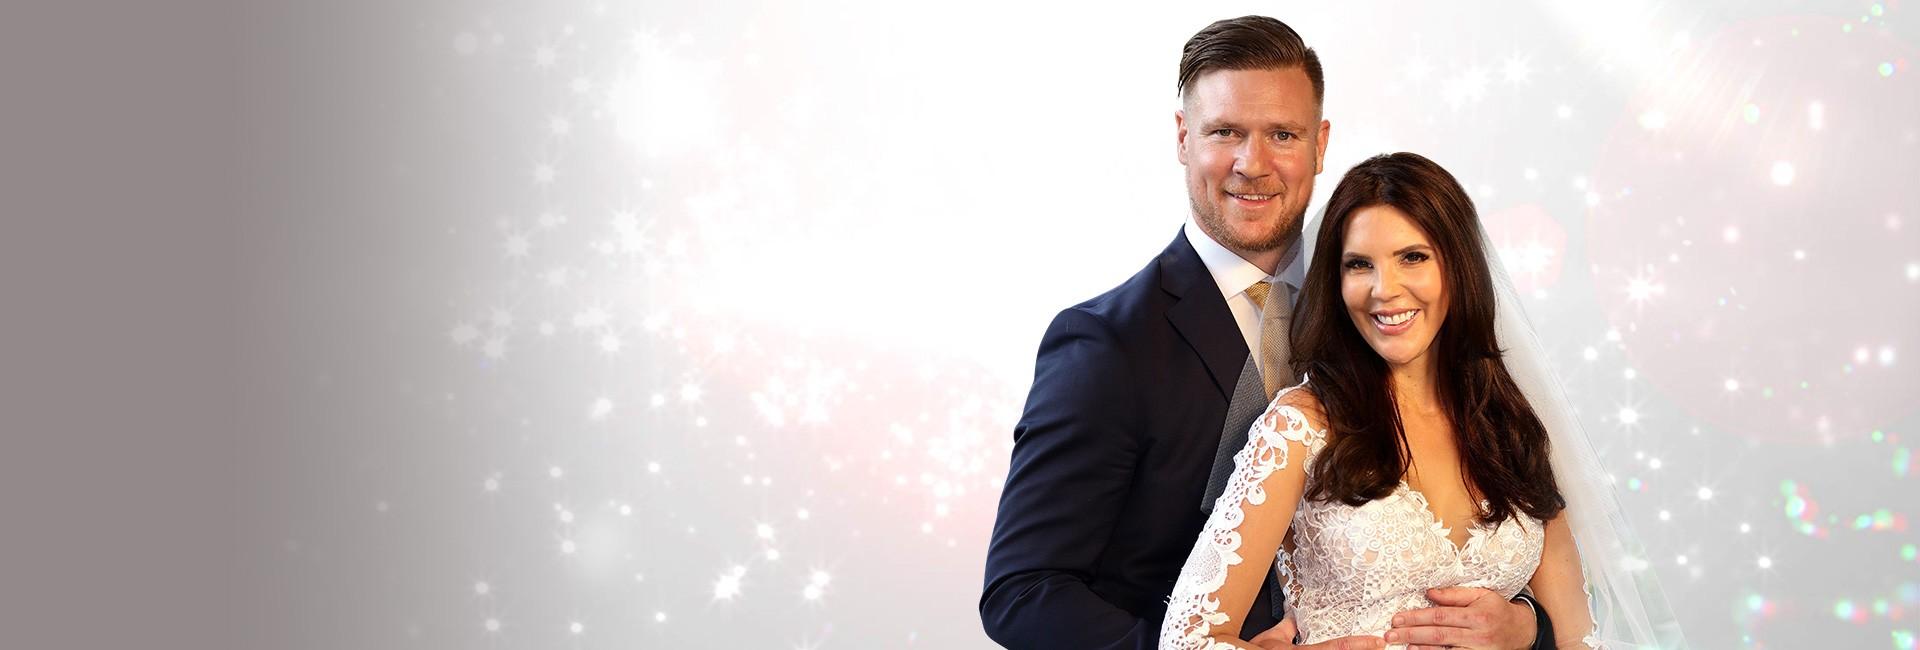 Svatba na první pohled (Austrálie)